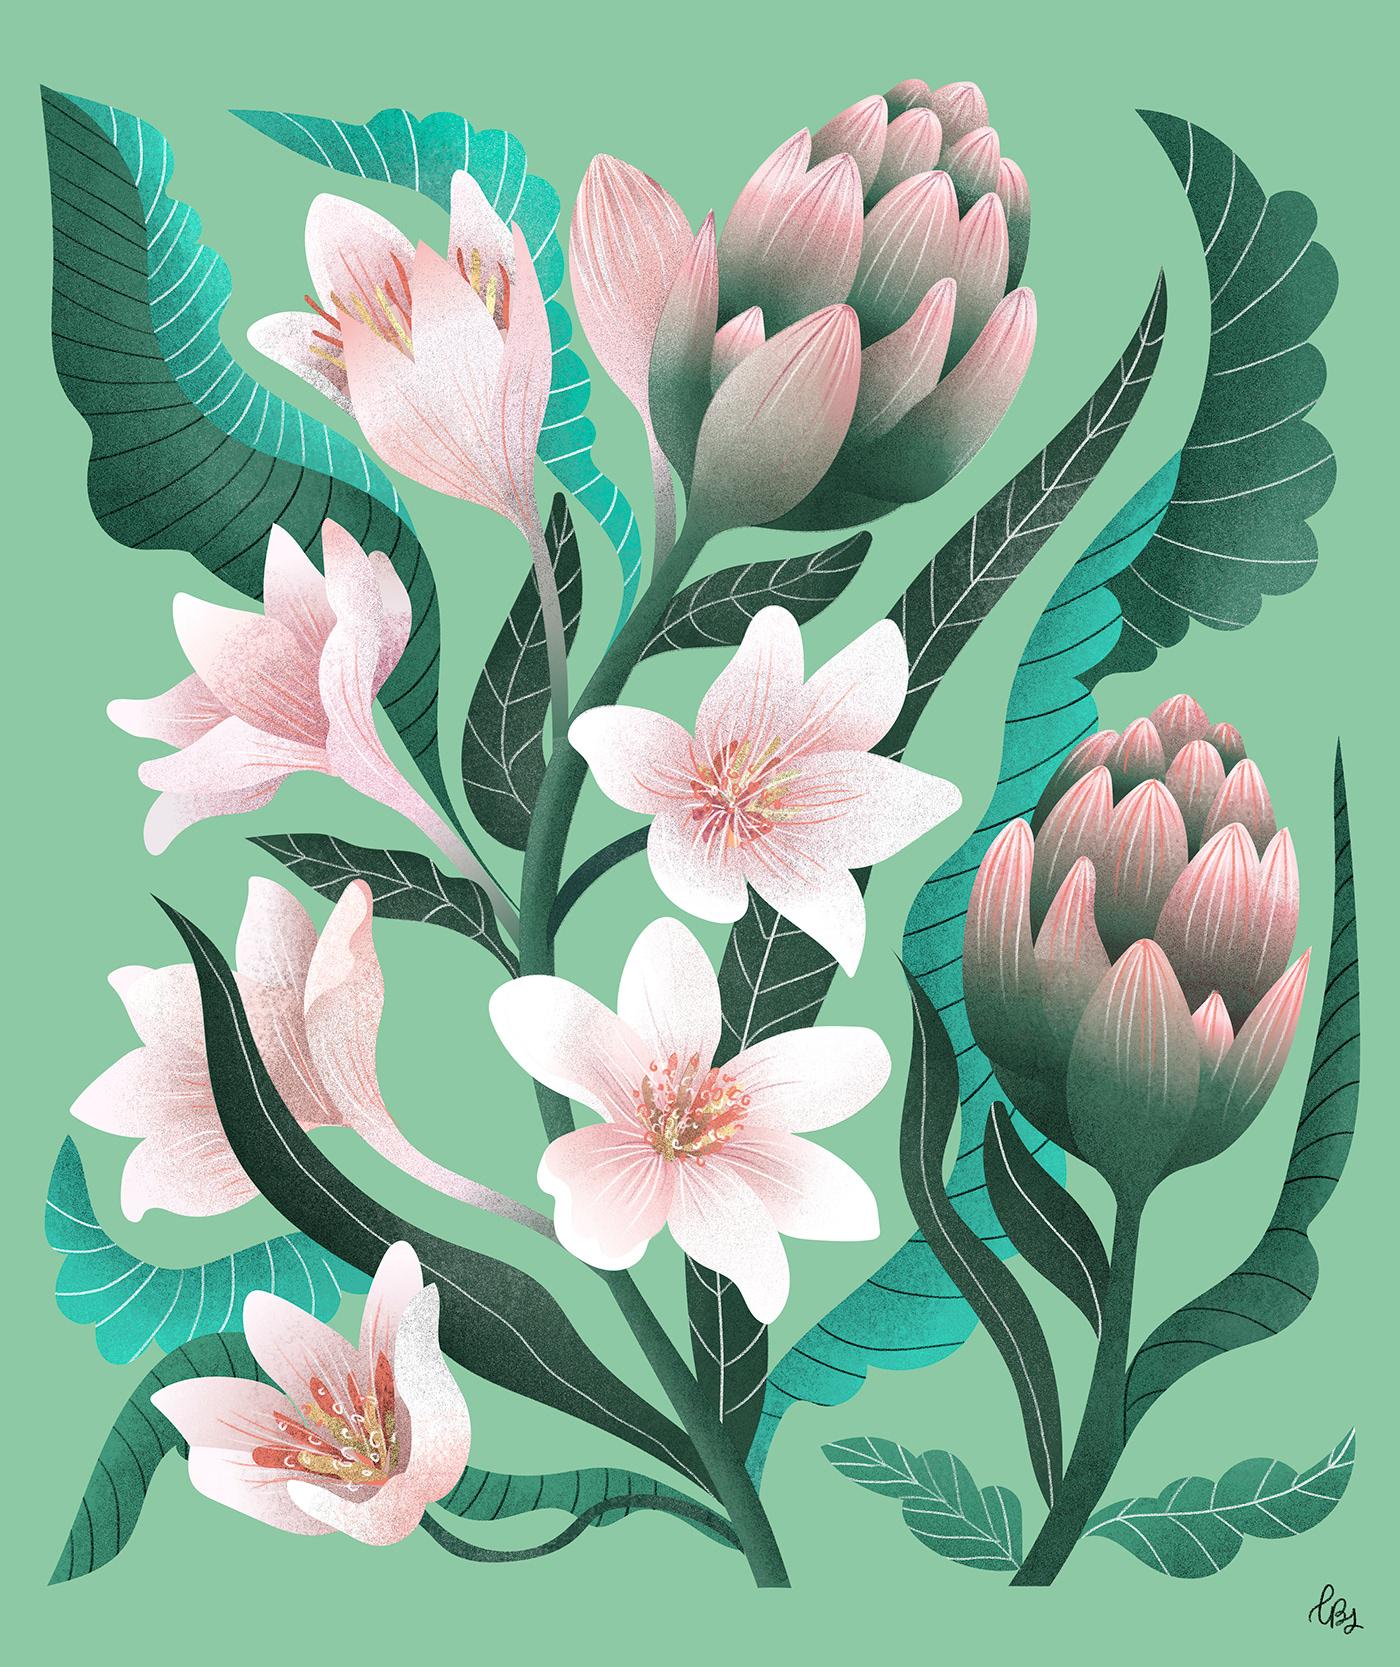 art direction  botanical botanical illustration floral illustration Flowers graphic design  ILLUSTRATION  Nature nature illustration spring